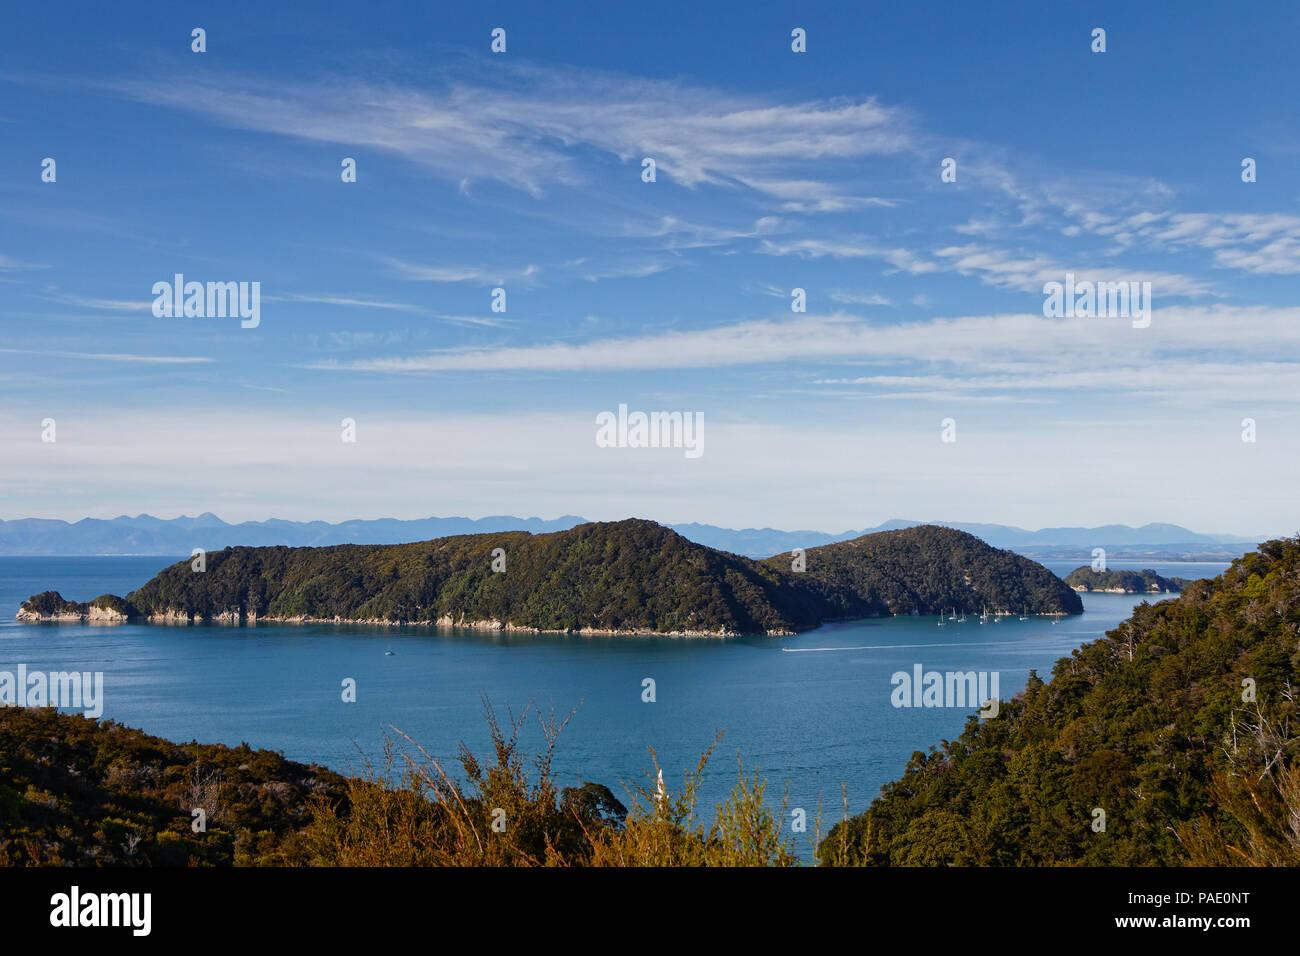 Adele Island viewed from the Abel Tasman Coastal Track, New Zealand - Stock Image